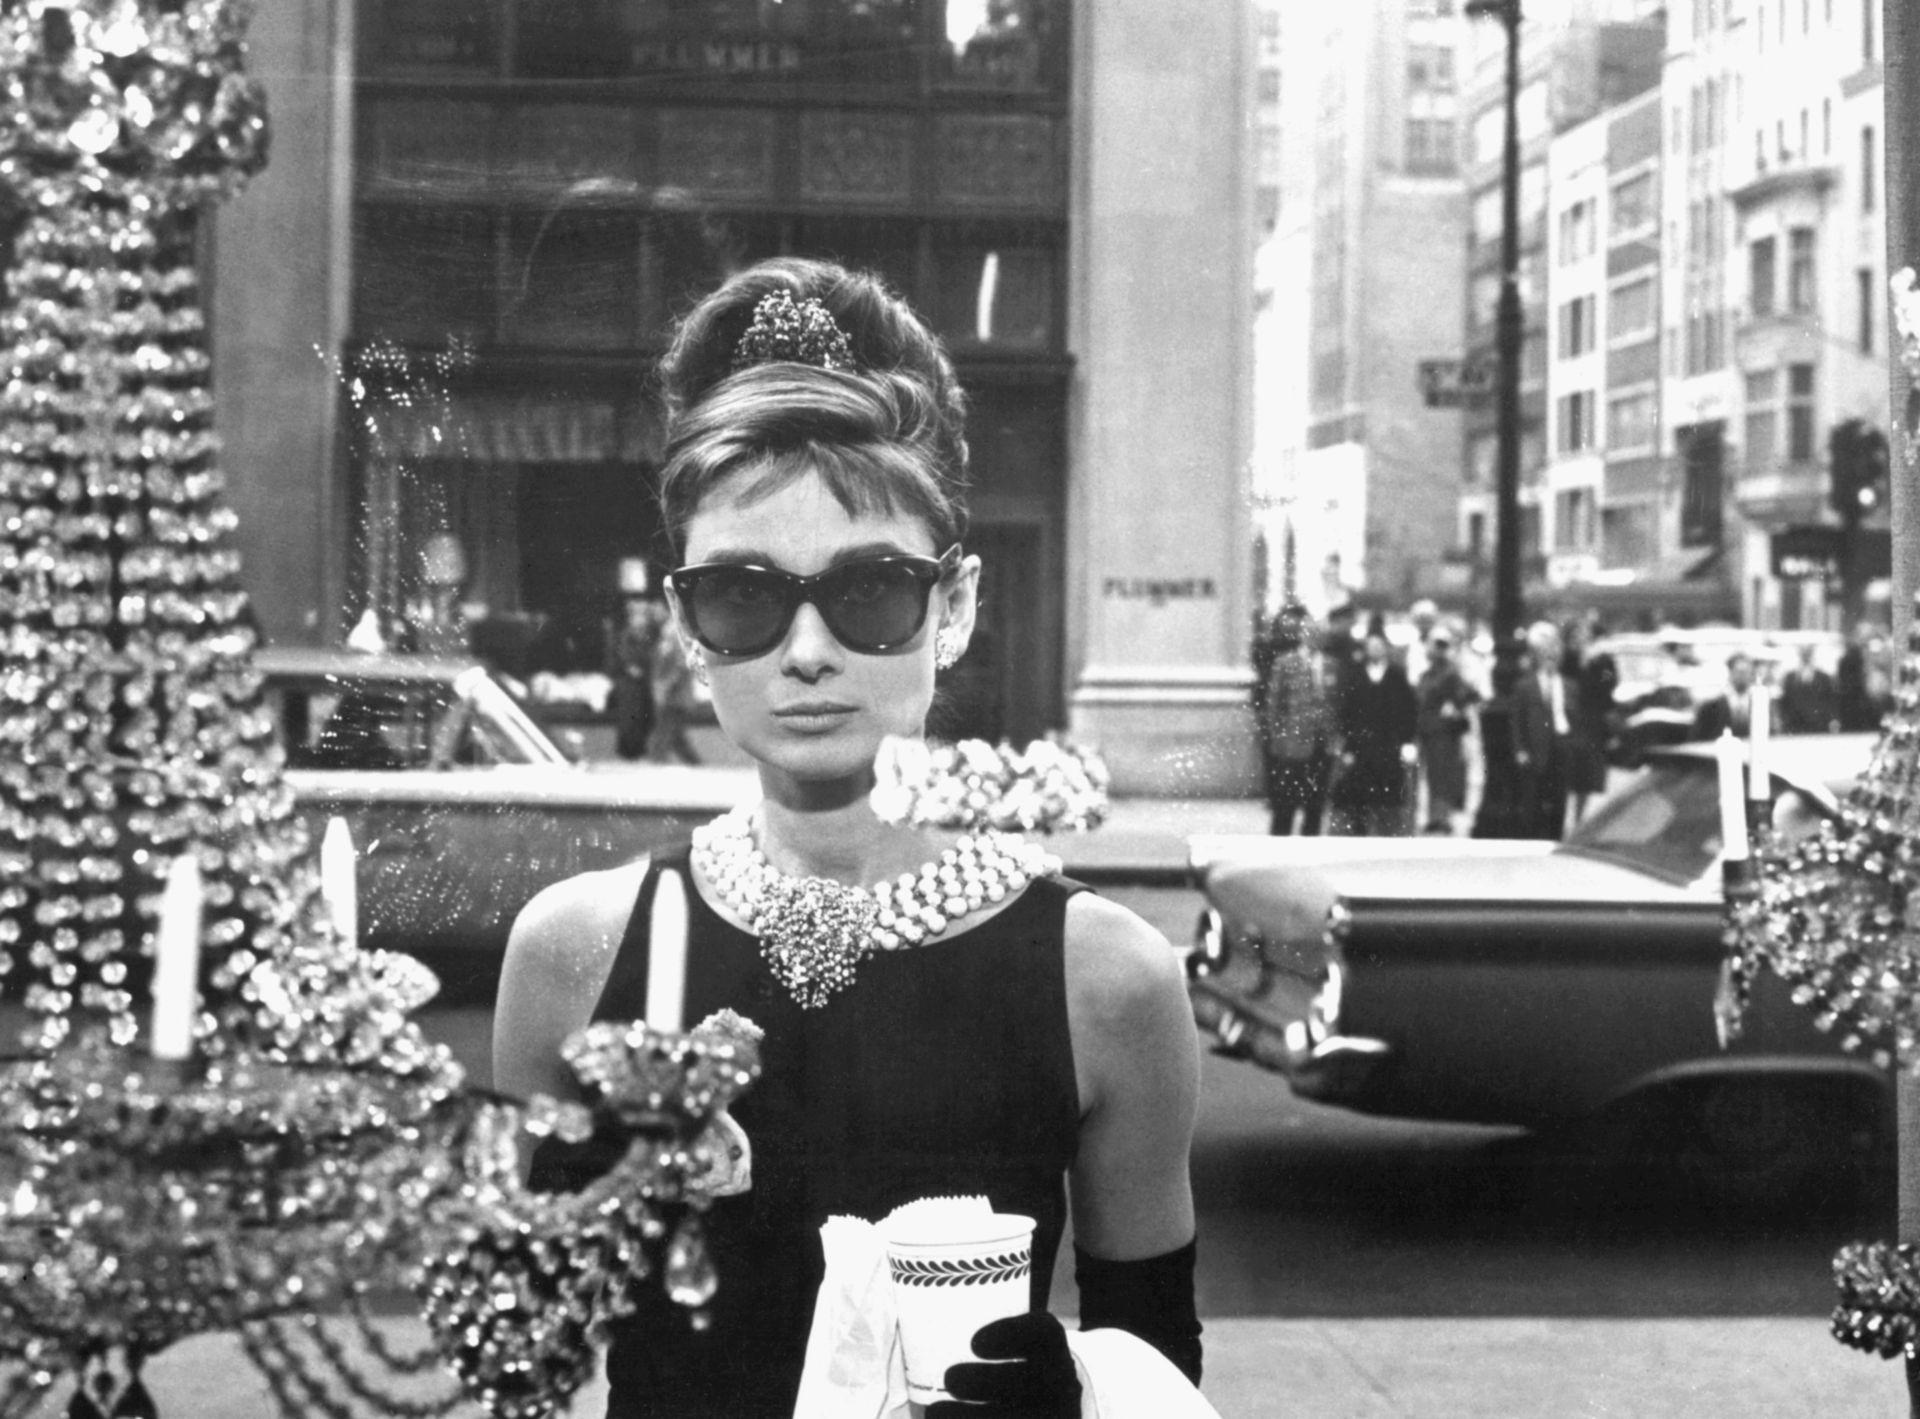 Audrey Hepburn a Truman Capote regényéből készült film, az Álom luxuskivitelben híressé vált jelenetében, a Tiffany ékszerüzlet kirakata előtt.